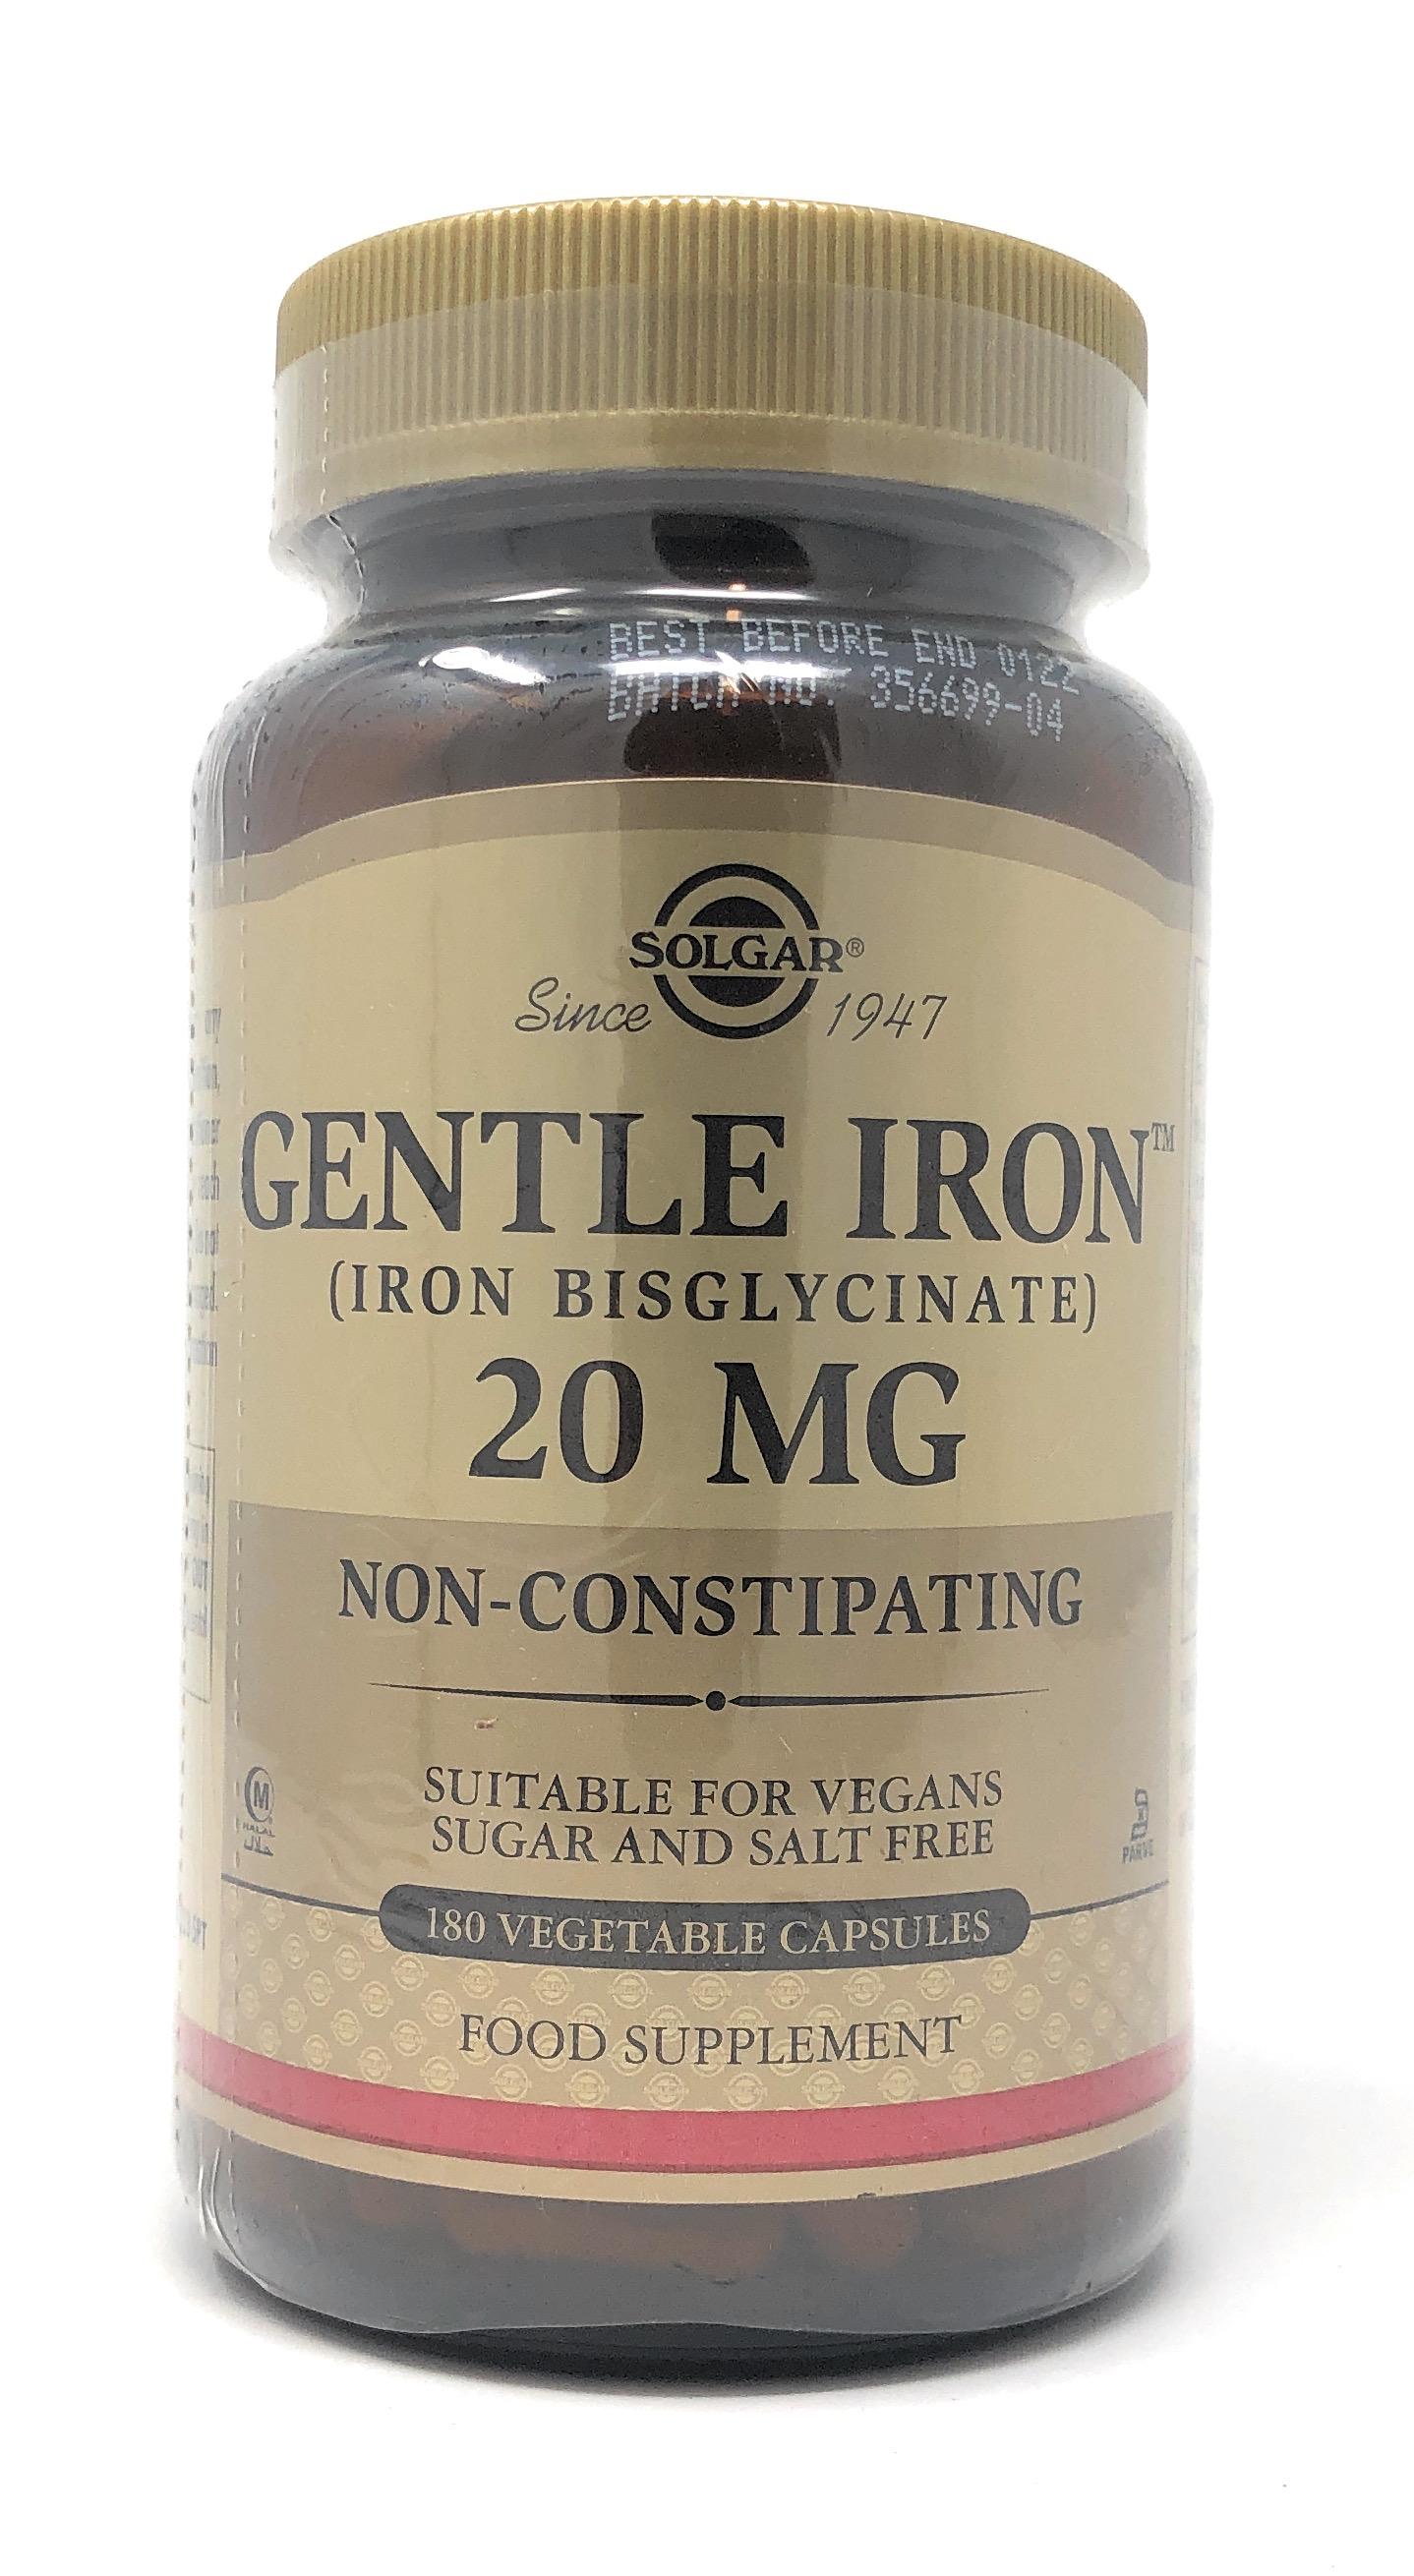 Solgar Gentle Iron 20mg (Eisen Bisglycinat) 180 veg. Kapseln (vegan)